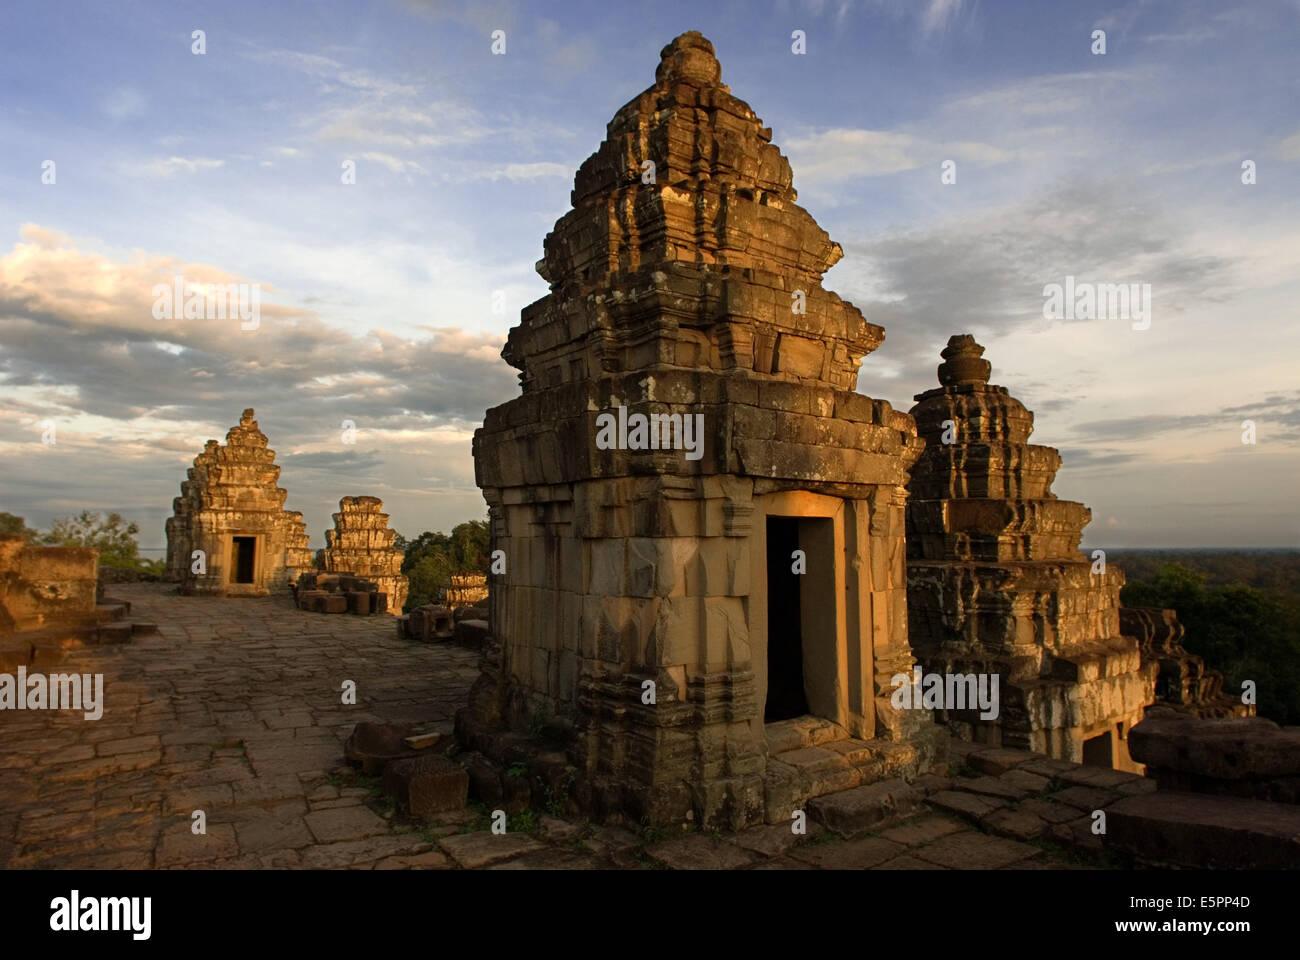 Phnom Bakheng (Bakheng Hill) - Highest Temple in Angkor ...  |Phnom Bakheng Temple